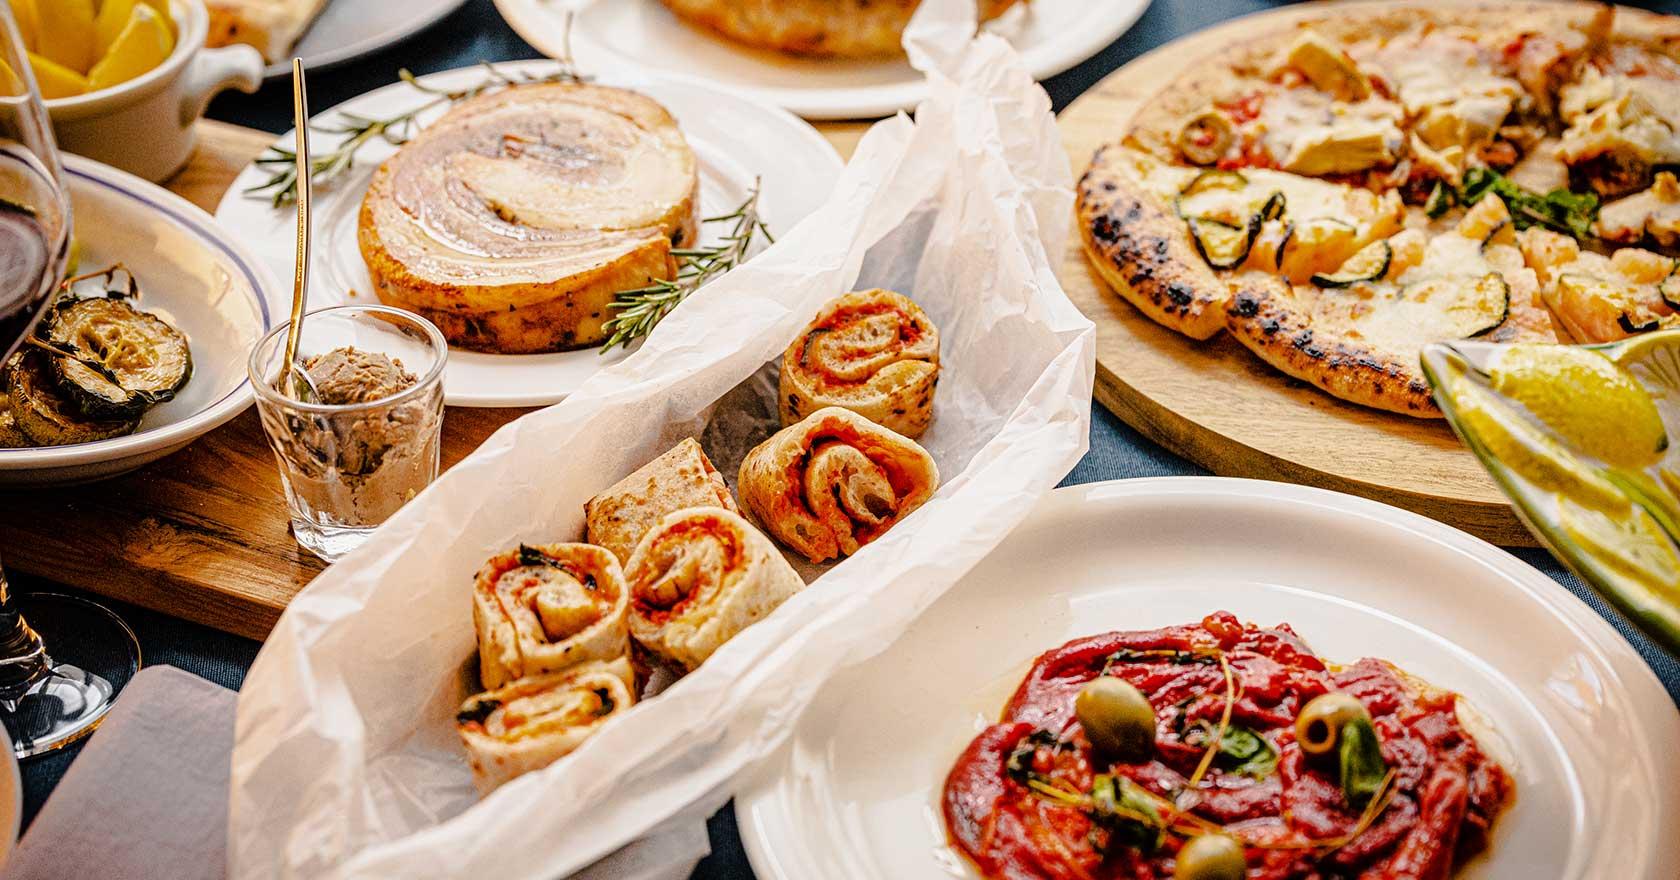 いつでも食卓に元気と笑顔を家族みんなが安心して食べられるイタリア料理を。